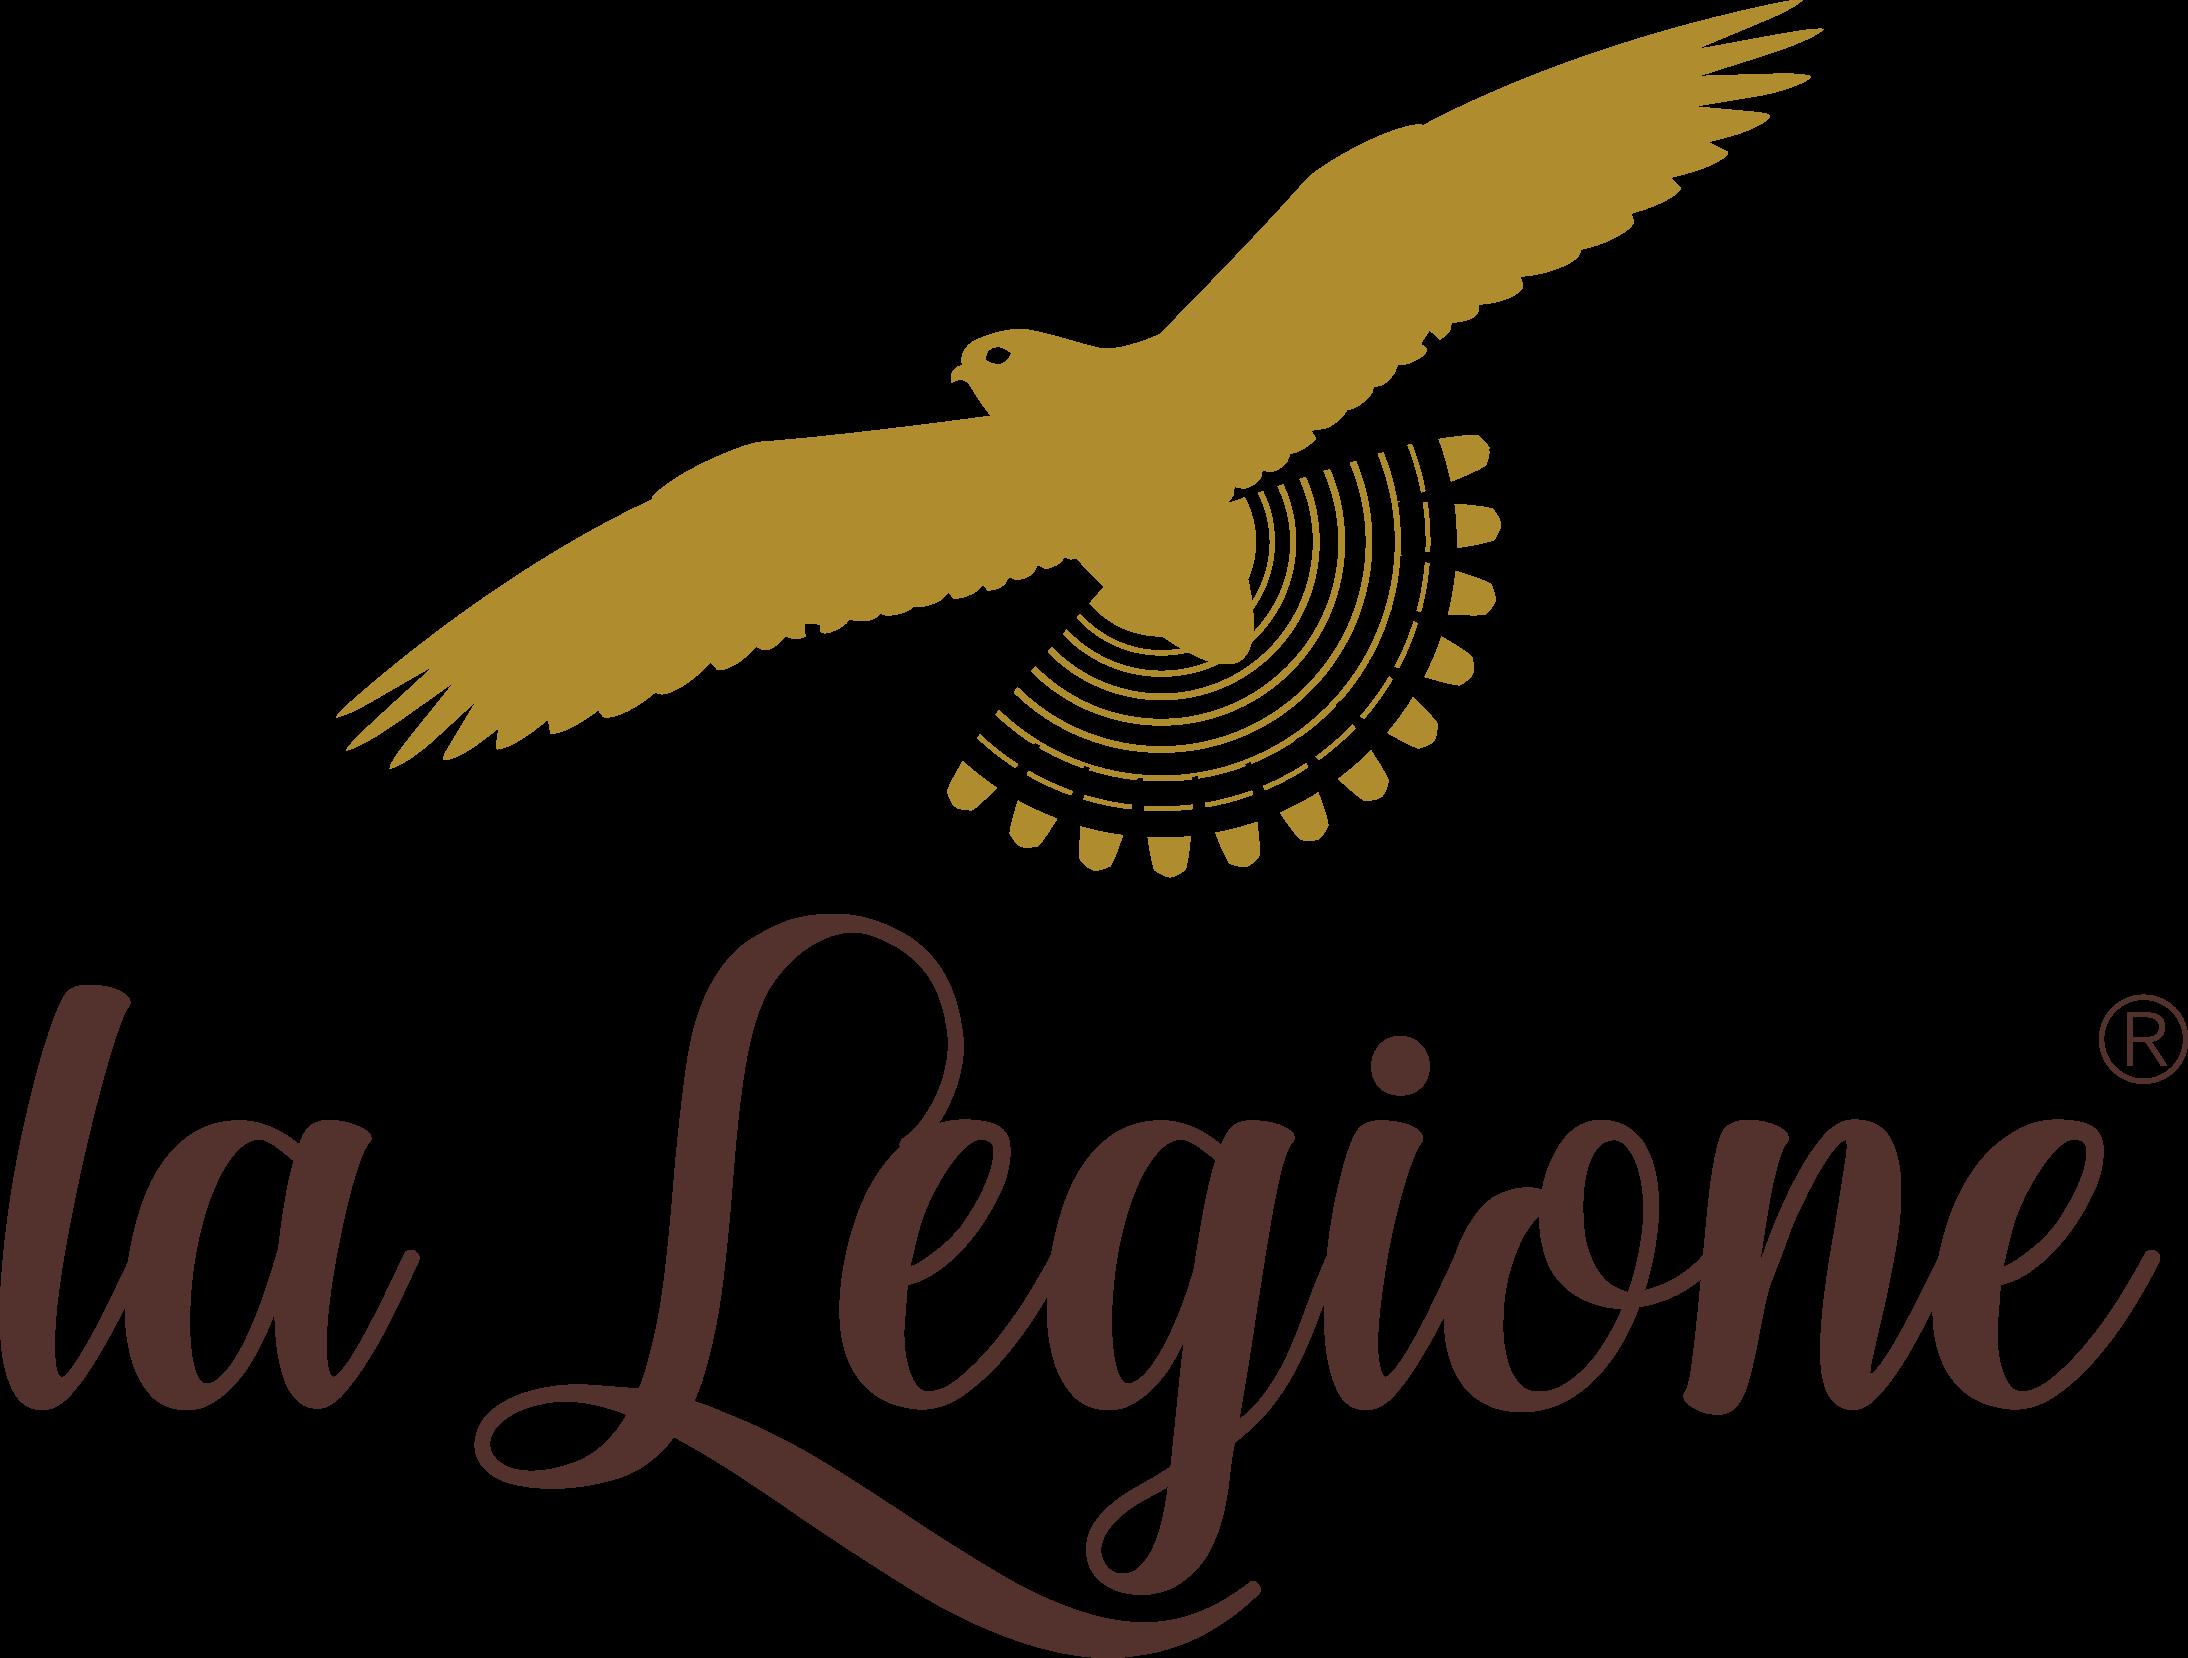 La Legione Azienda Agricola